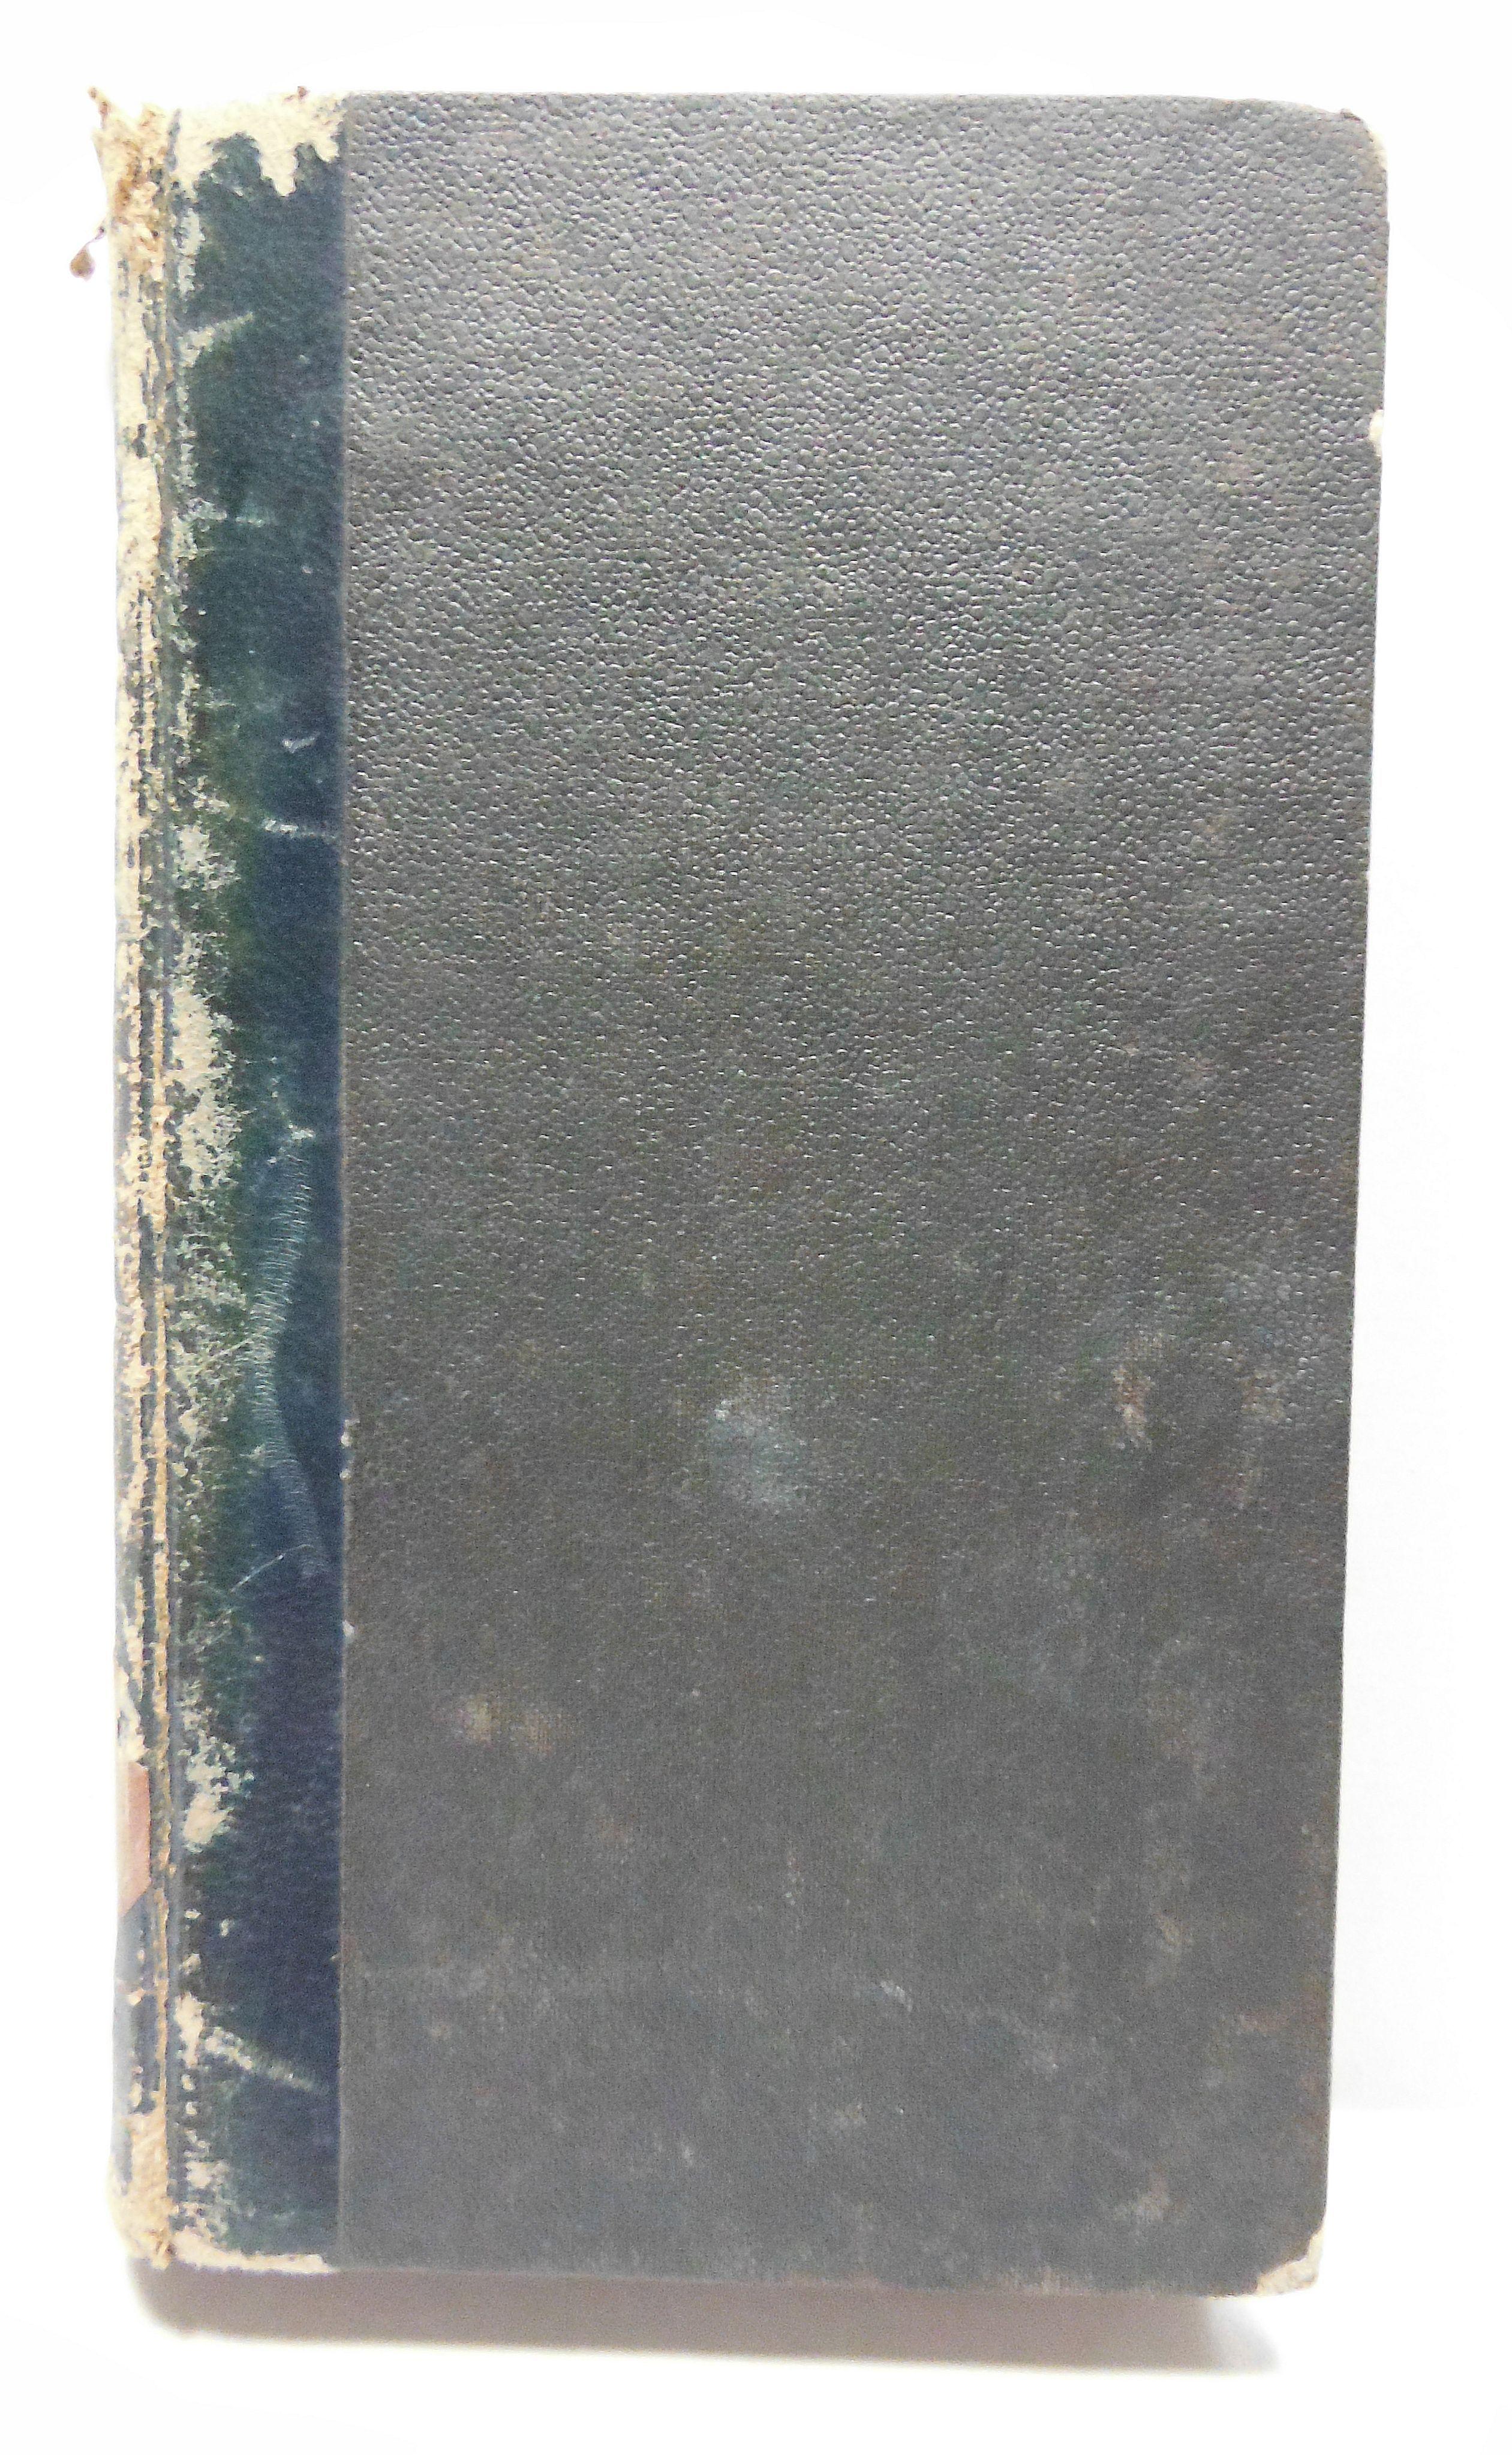 Dr. Martin Luther's Sämmtliche Werke 1843